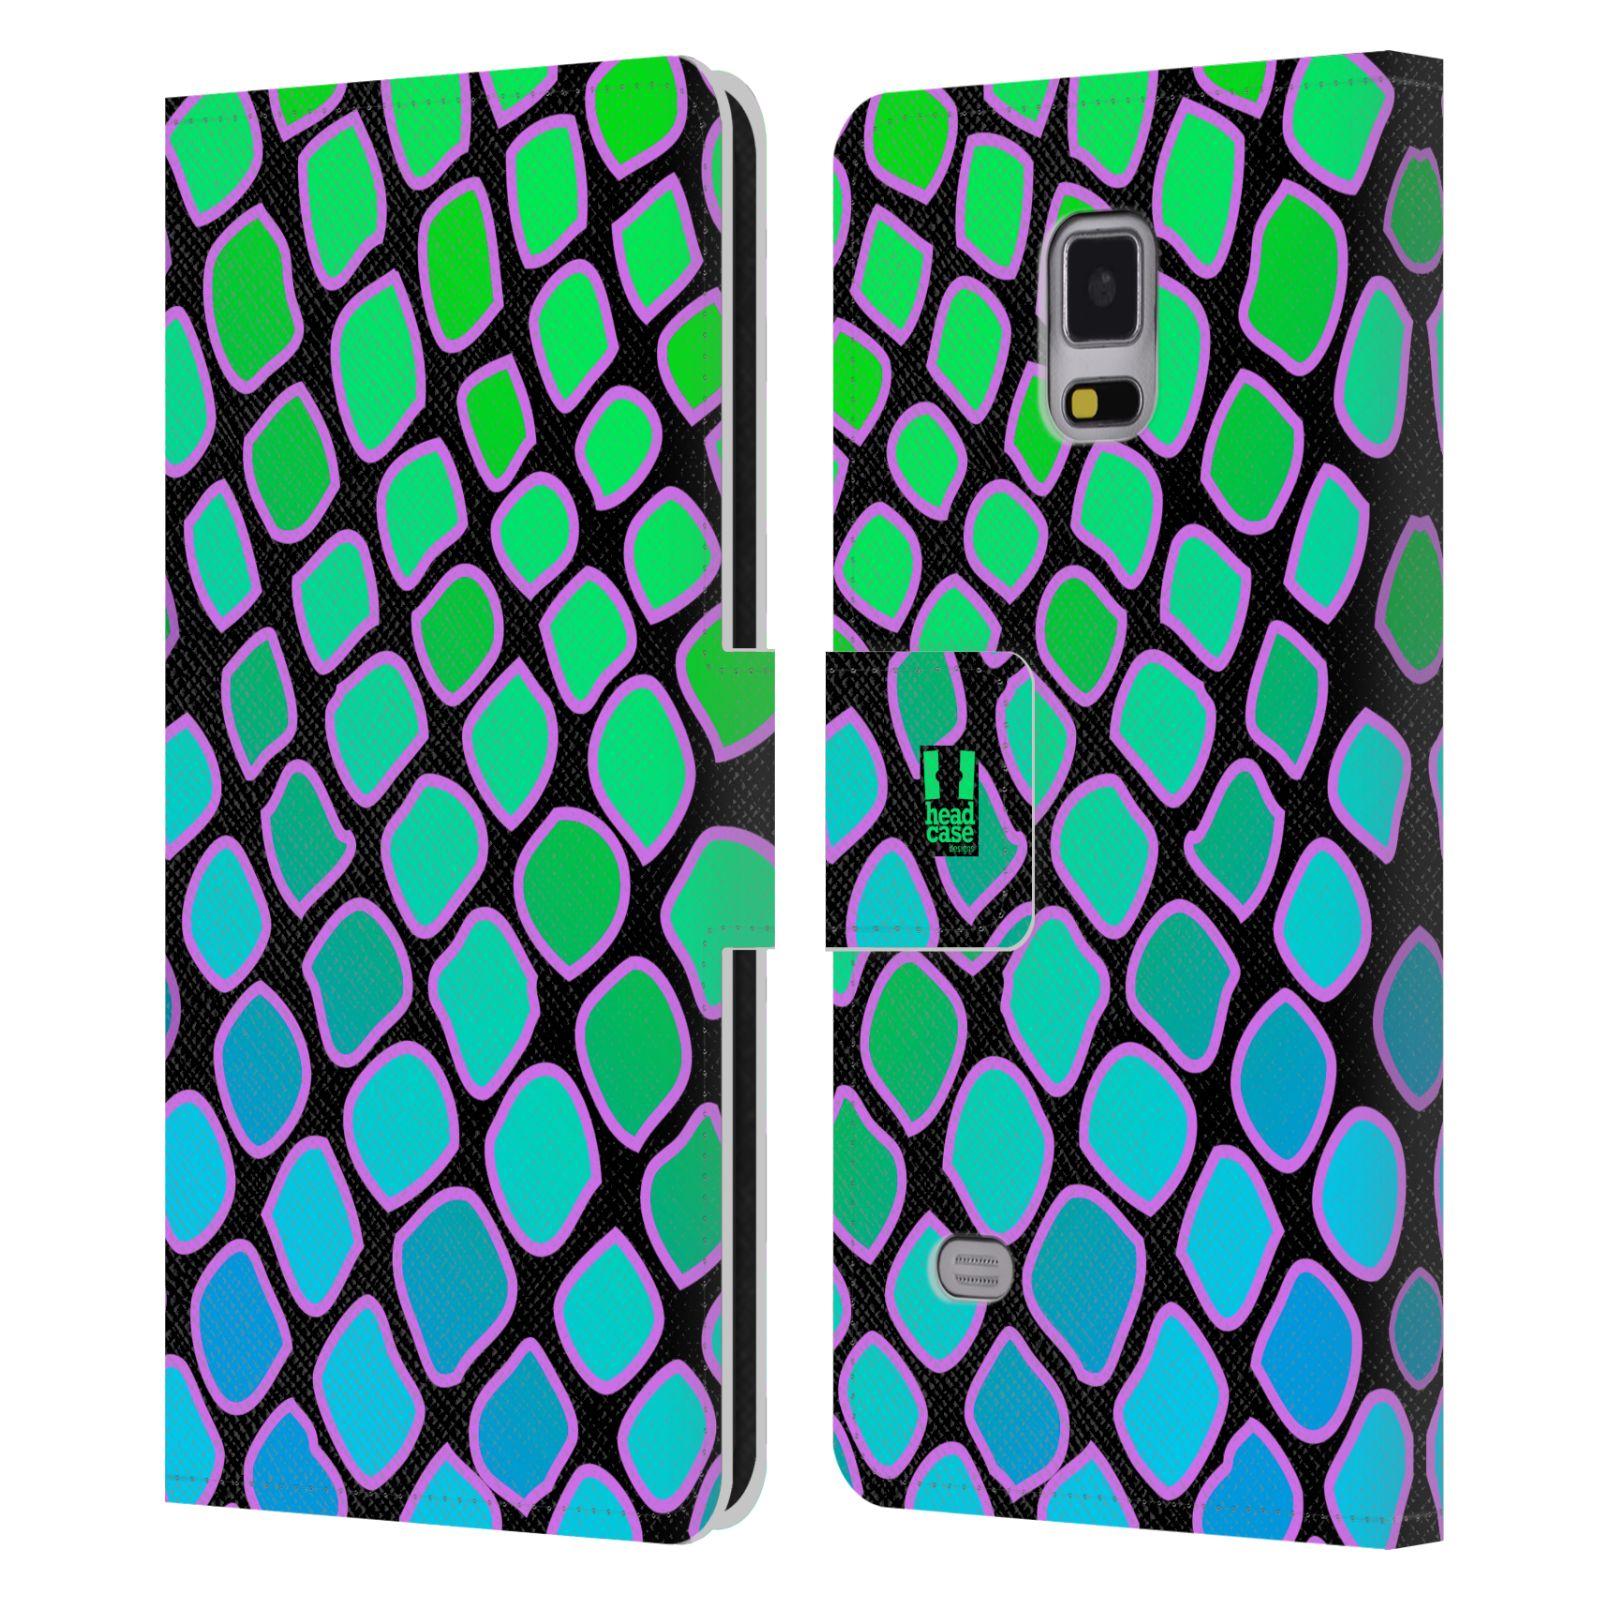 HEAD CASE Flipové pouzdro pro mobil Samsung Galaxy Note 4 Zvířecí barevné vzory vodní had modrá a zelená barva AQUA